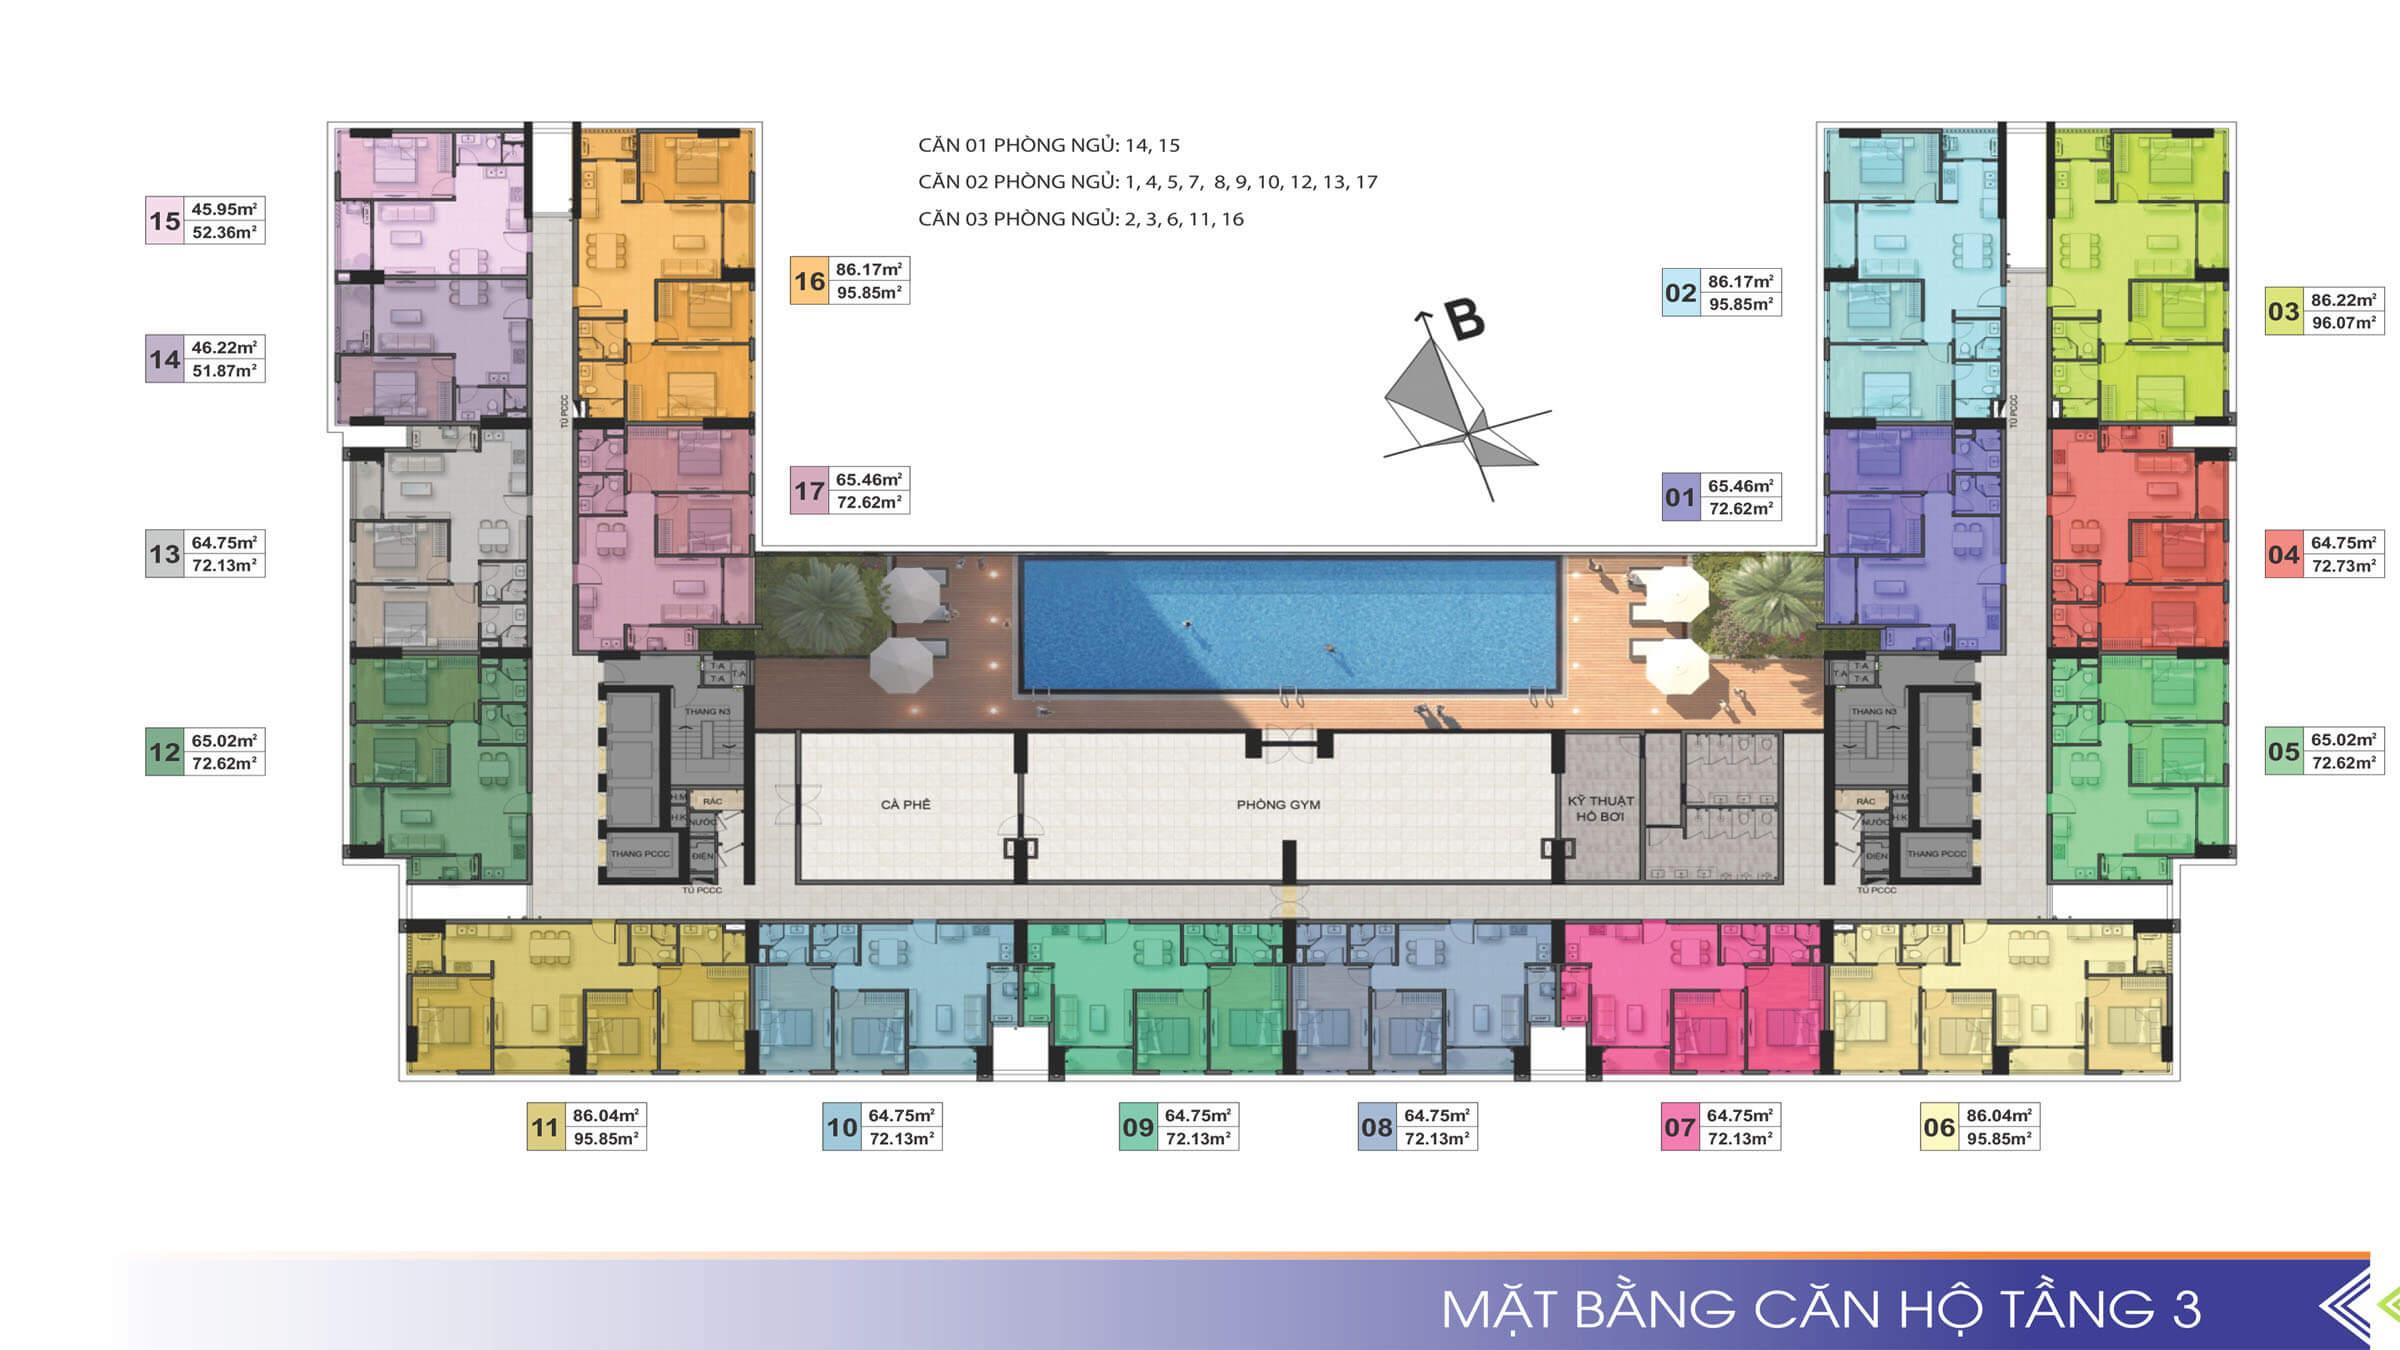 mat bang can ho tang 3